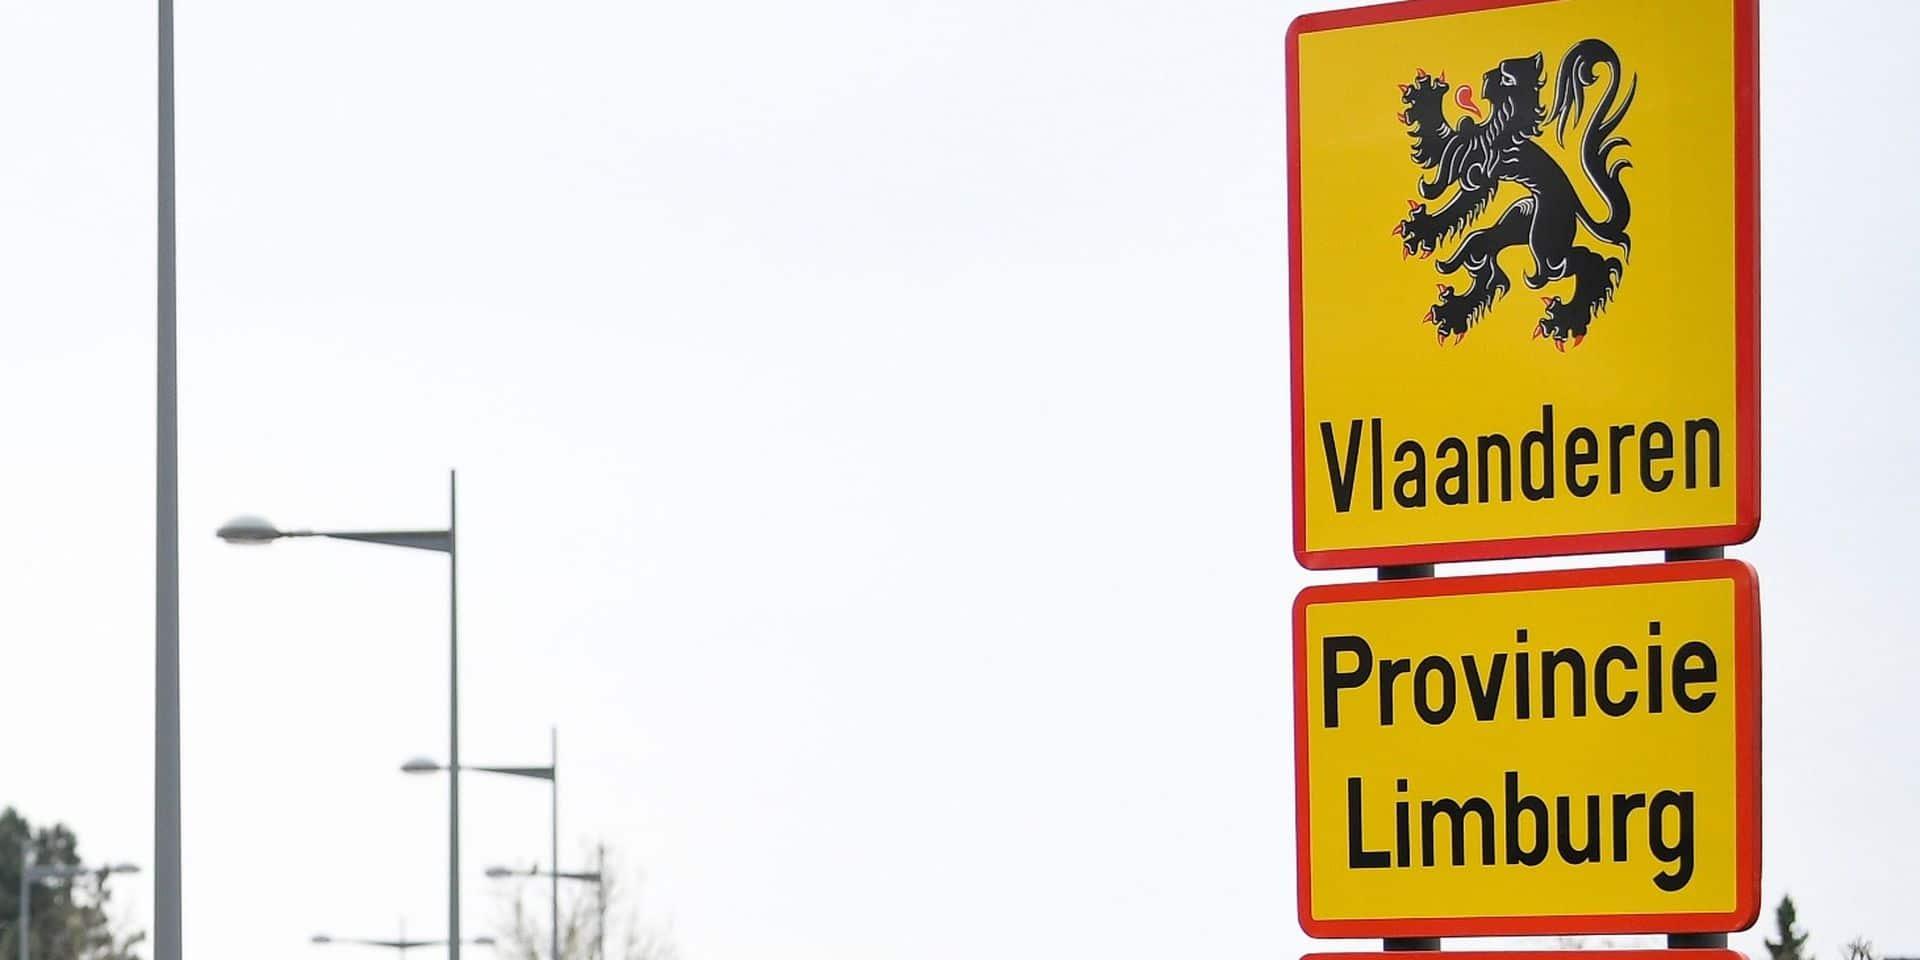 Code rouge enclenché: risque élevé d'incendie dans les espaces naturels d'Anvers et du Limbourg